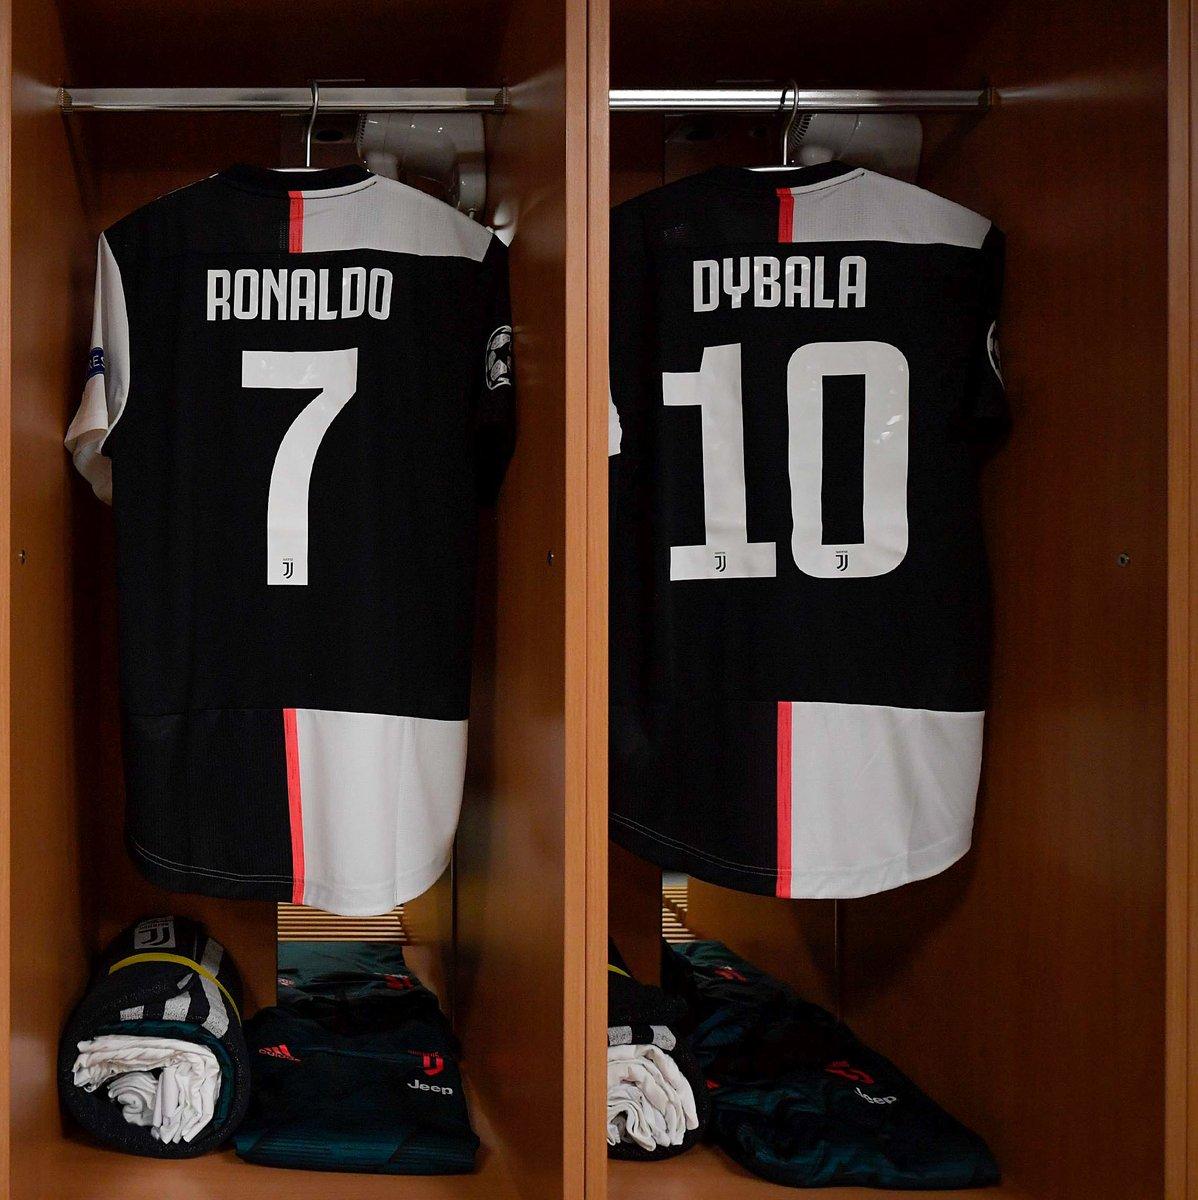 @ChampionsLeague's photo on Dybala